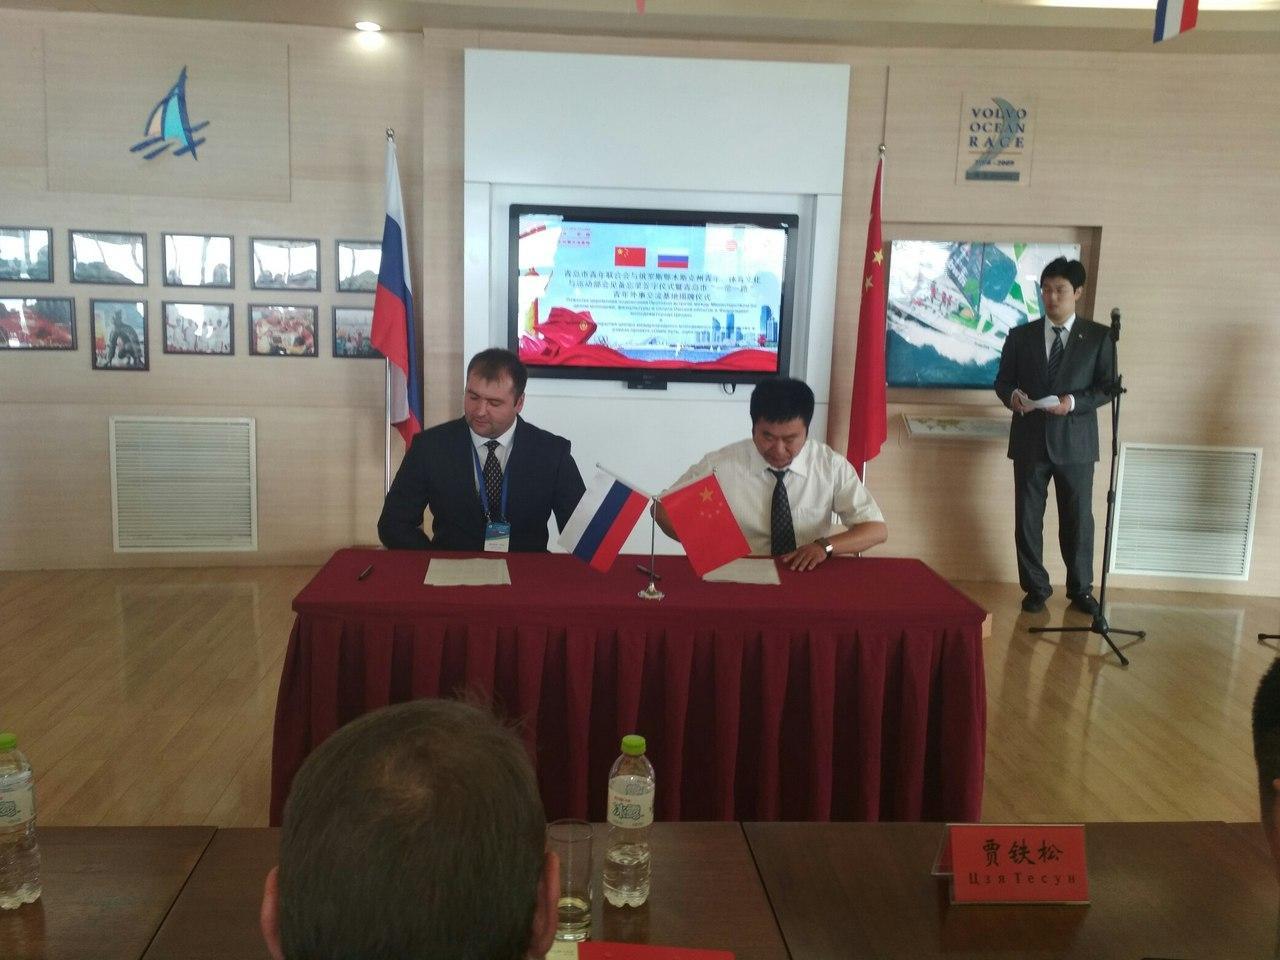 Китайцы готовы инвестировать в строительство завода по переработке шин в Омске